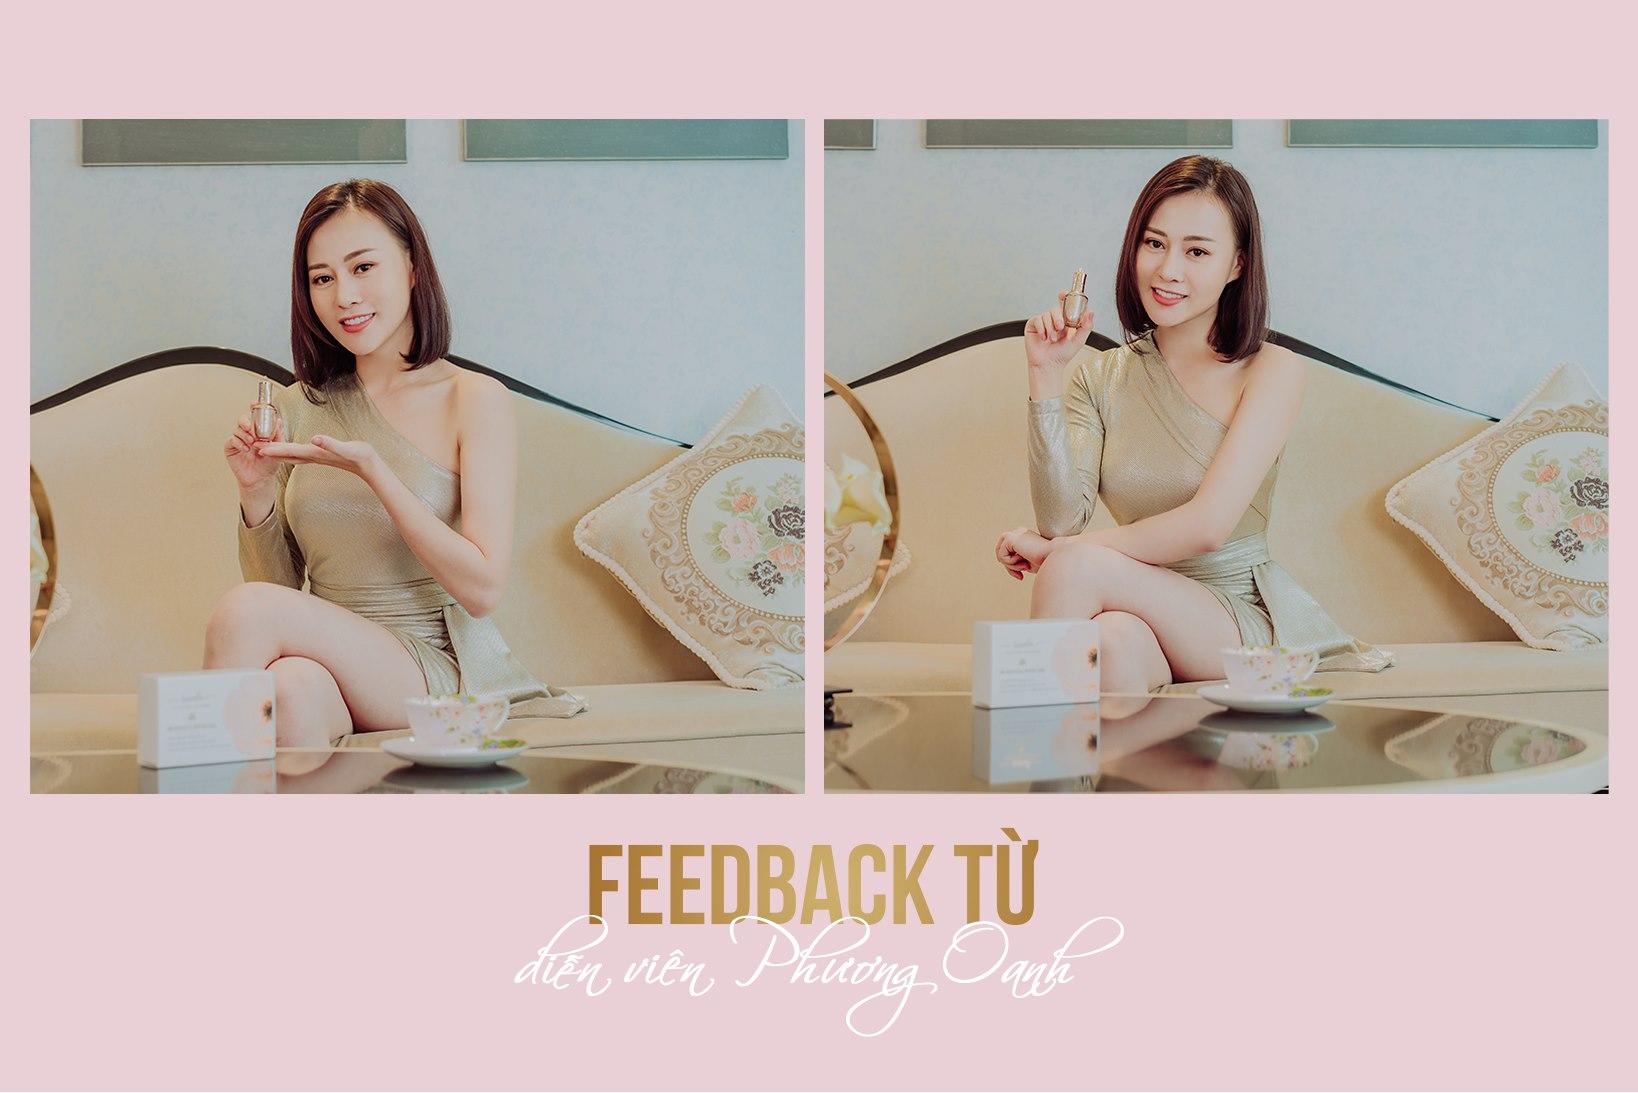 Rosalia by Bảo Hiên Farm: Feedback từ diễn viên Phương Oanh